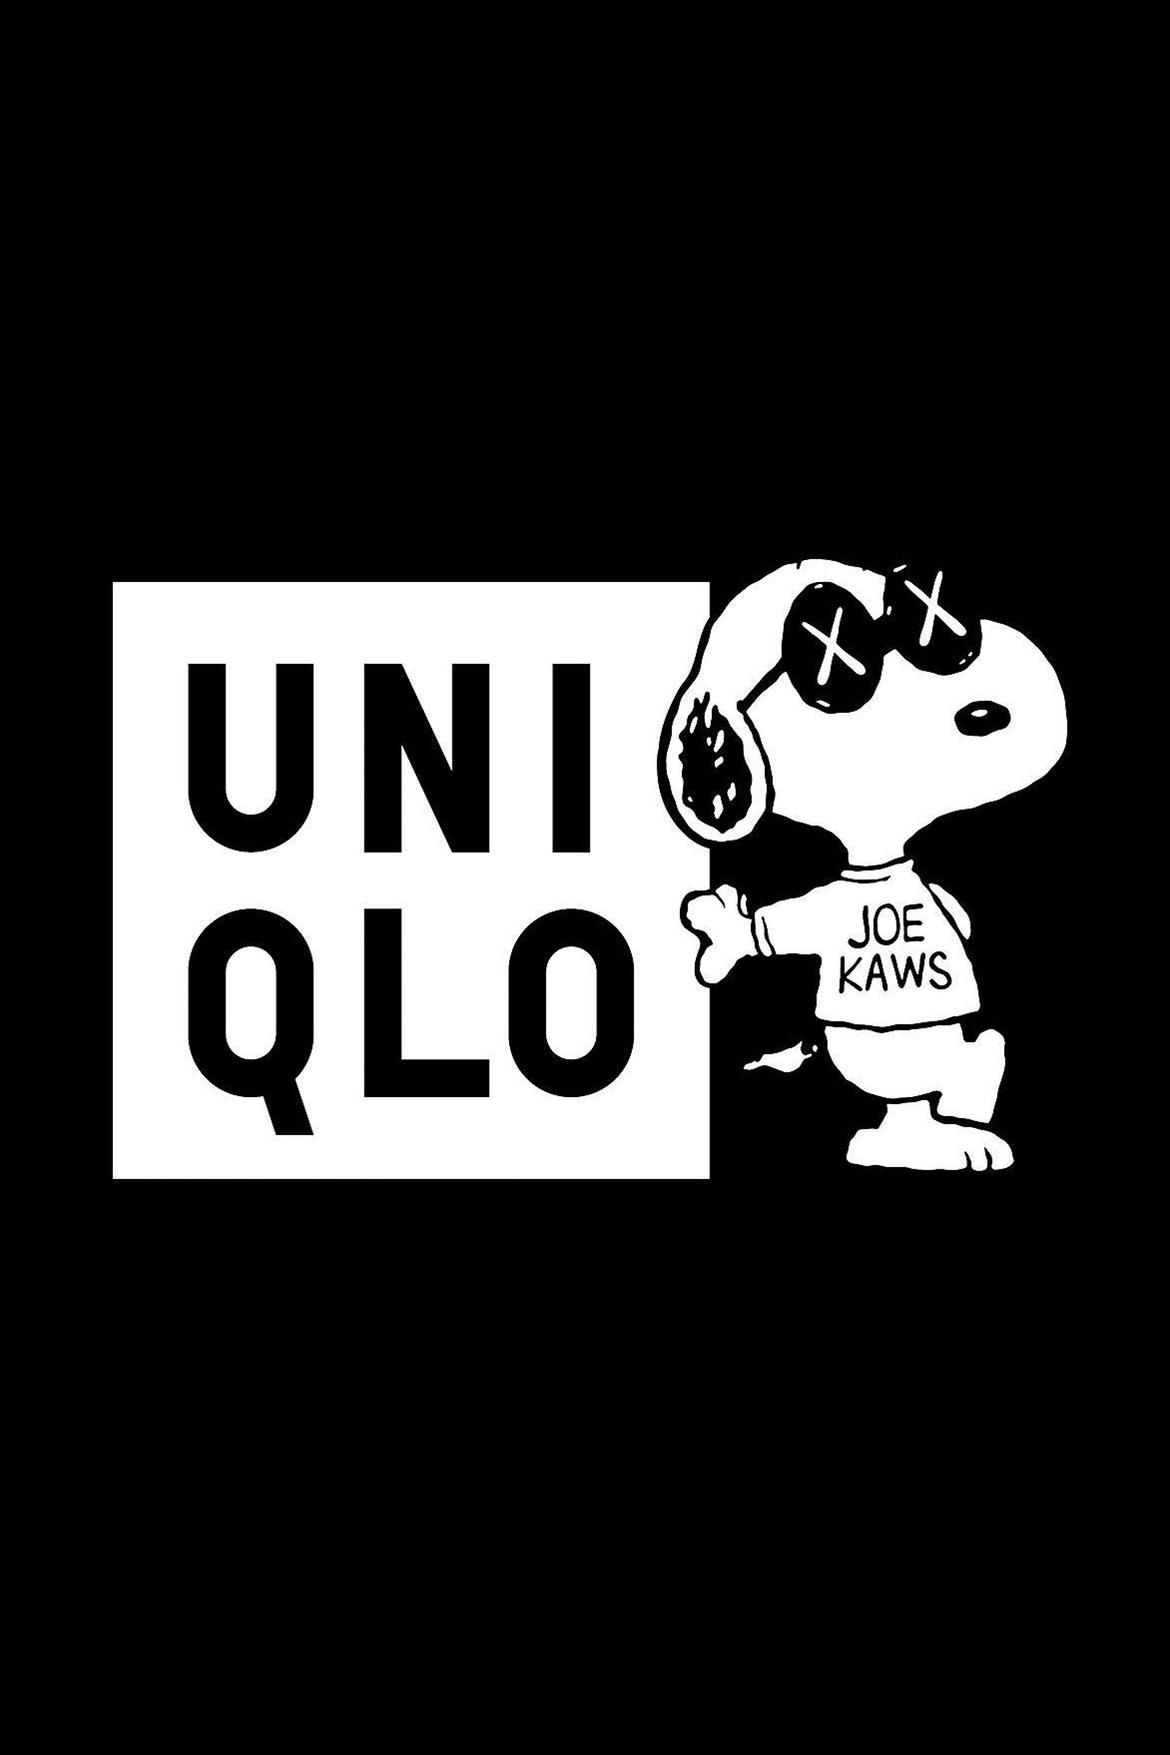 uniqlo kaws